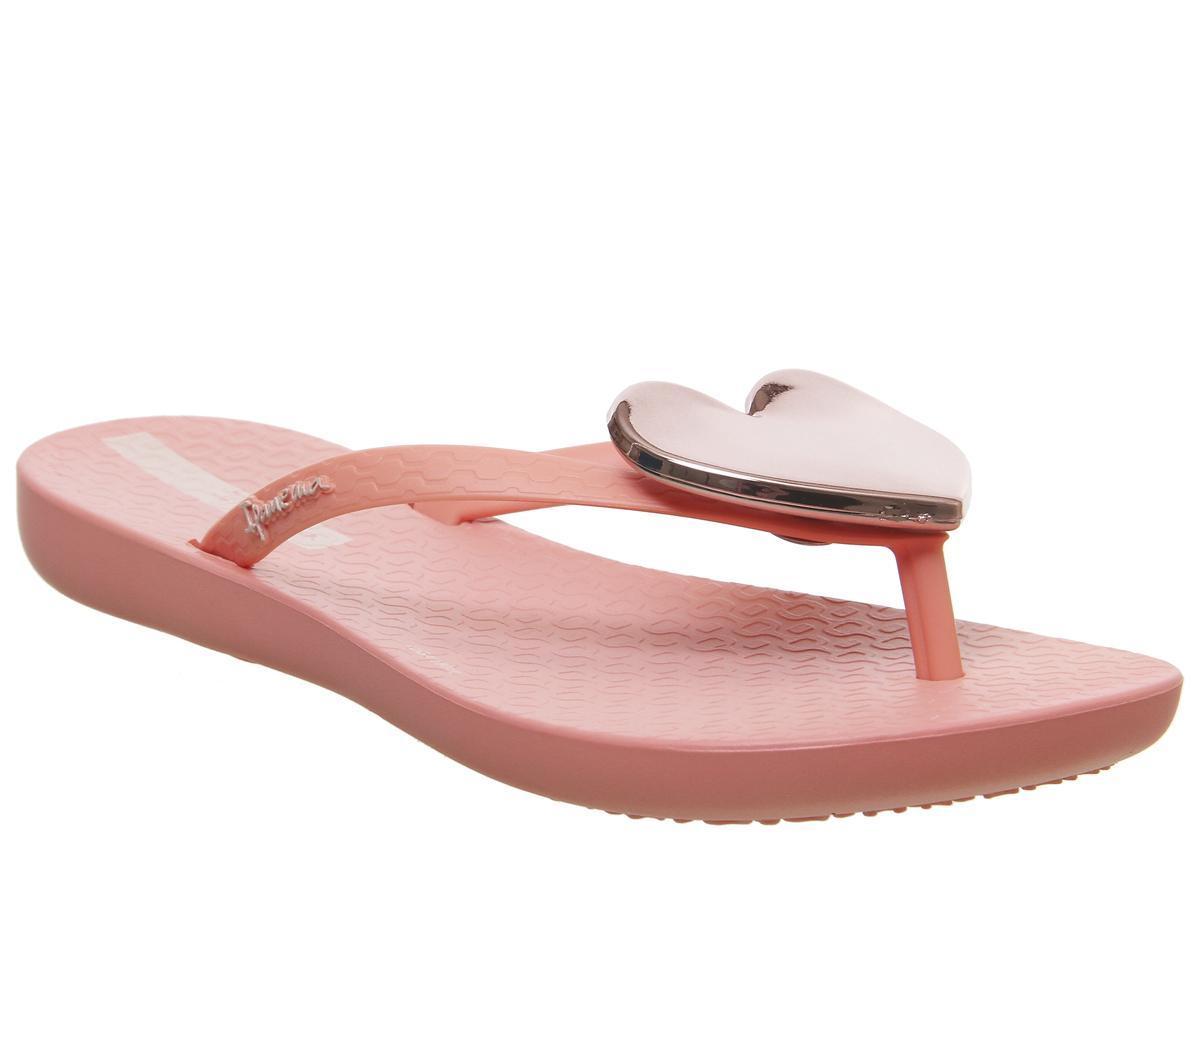 Maxi Heart Sandals